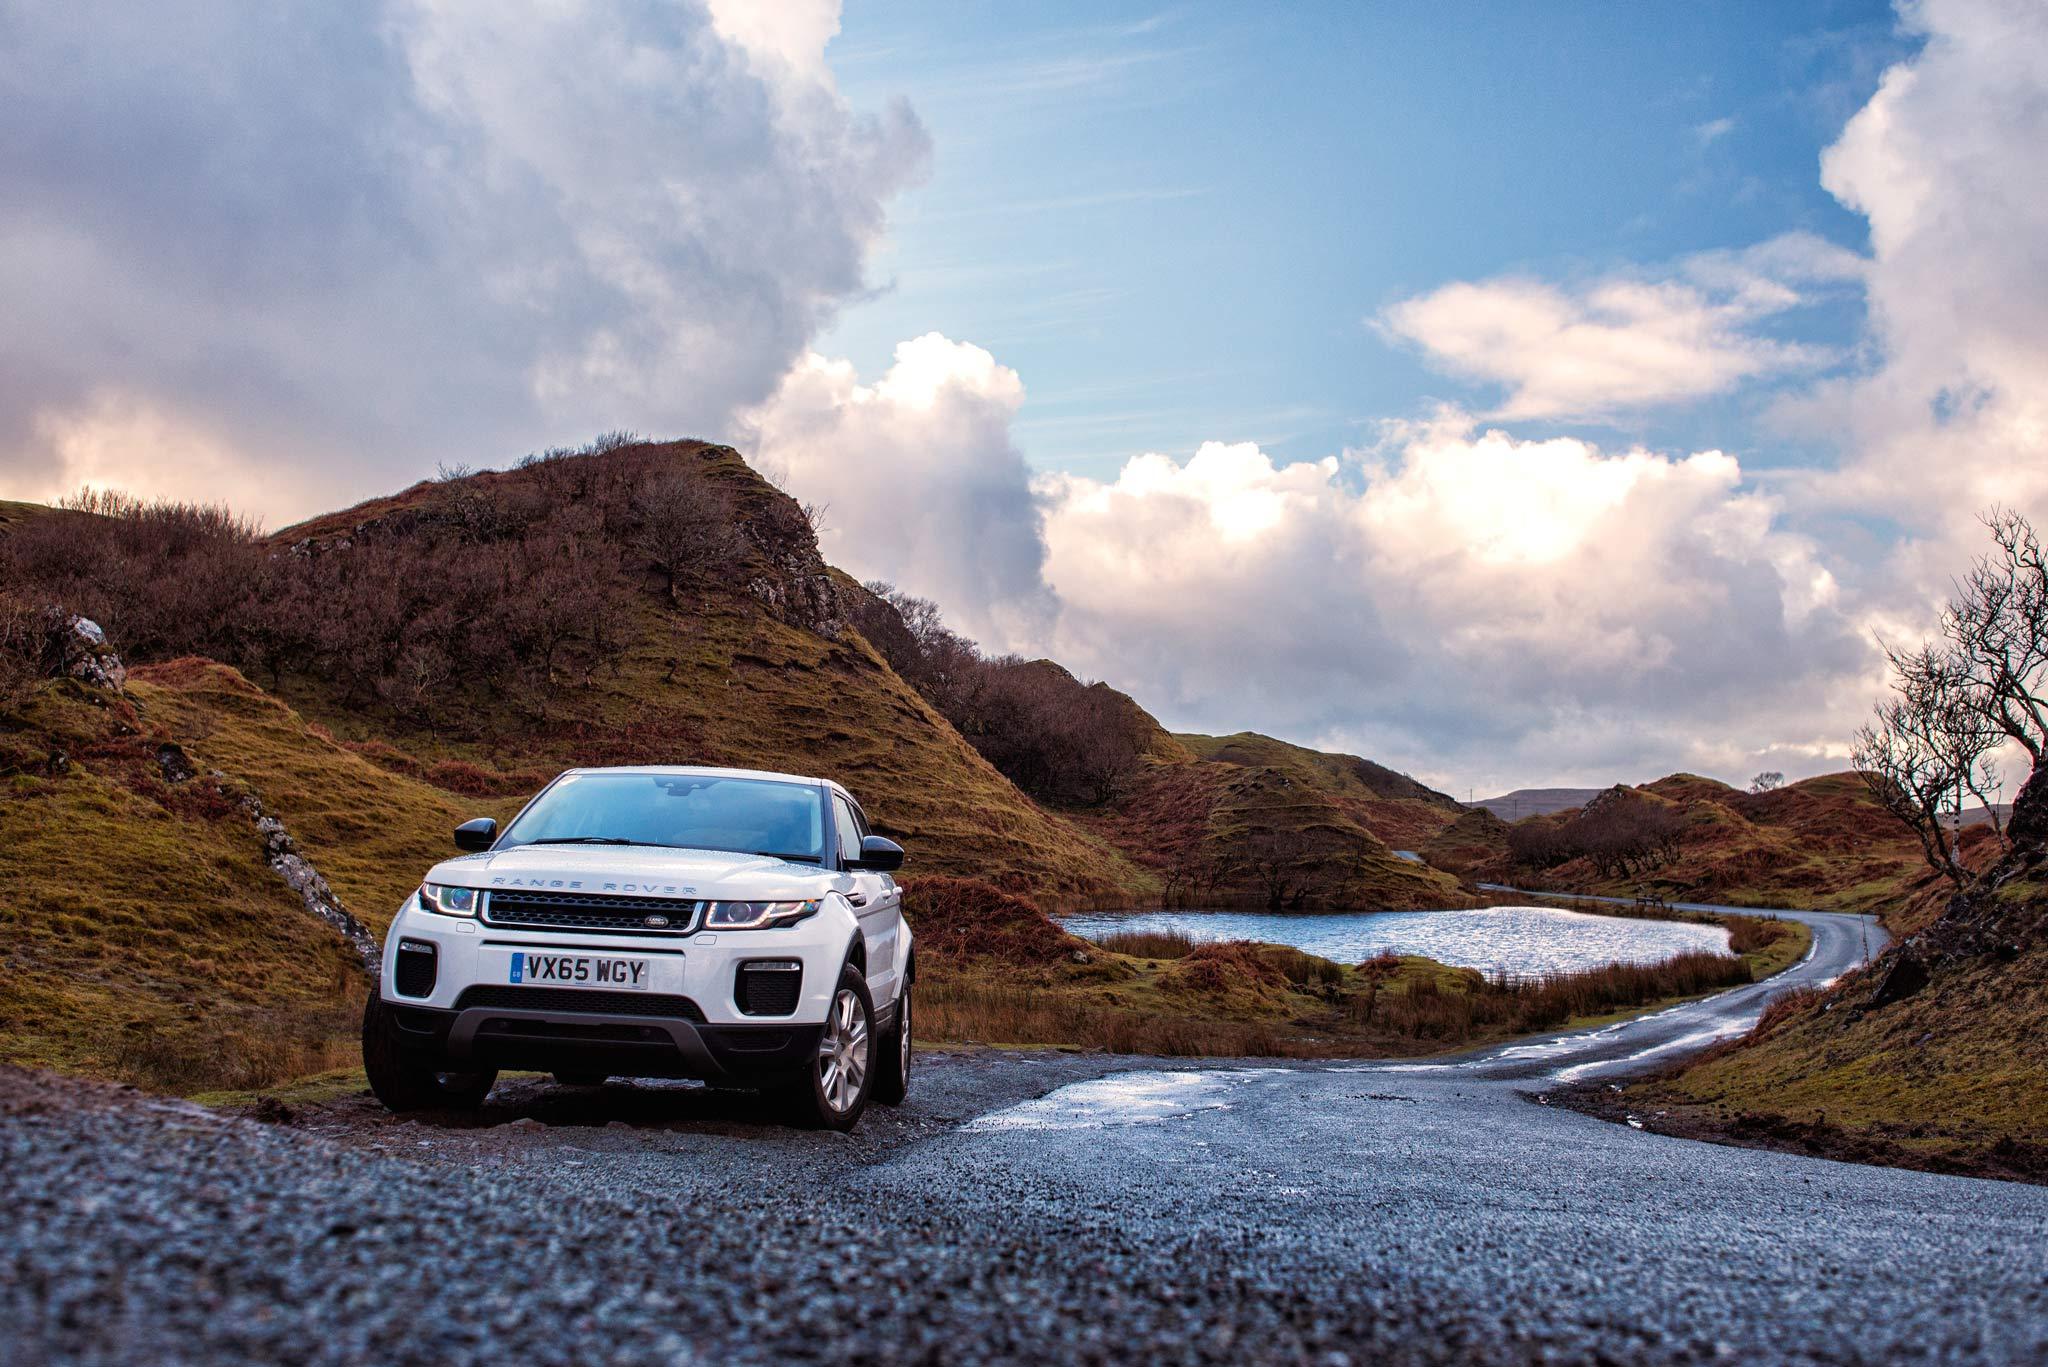 Land Rover Evoque - Fairy Glen, Skye. Image © Dean Wright Photography